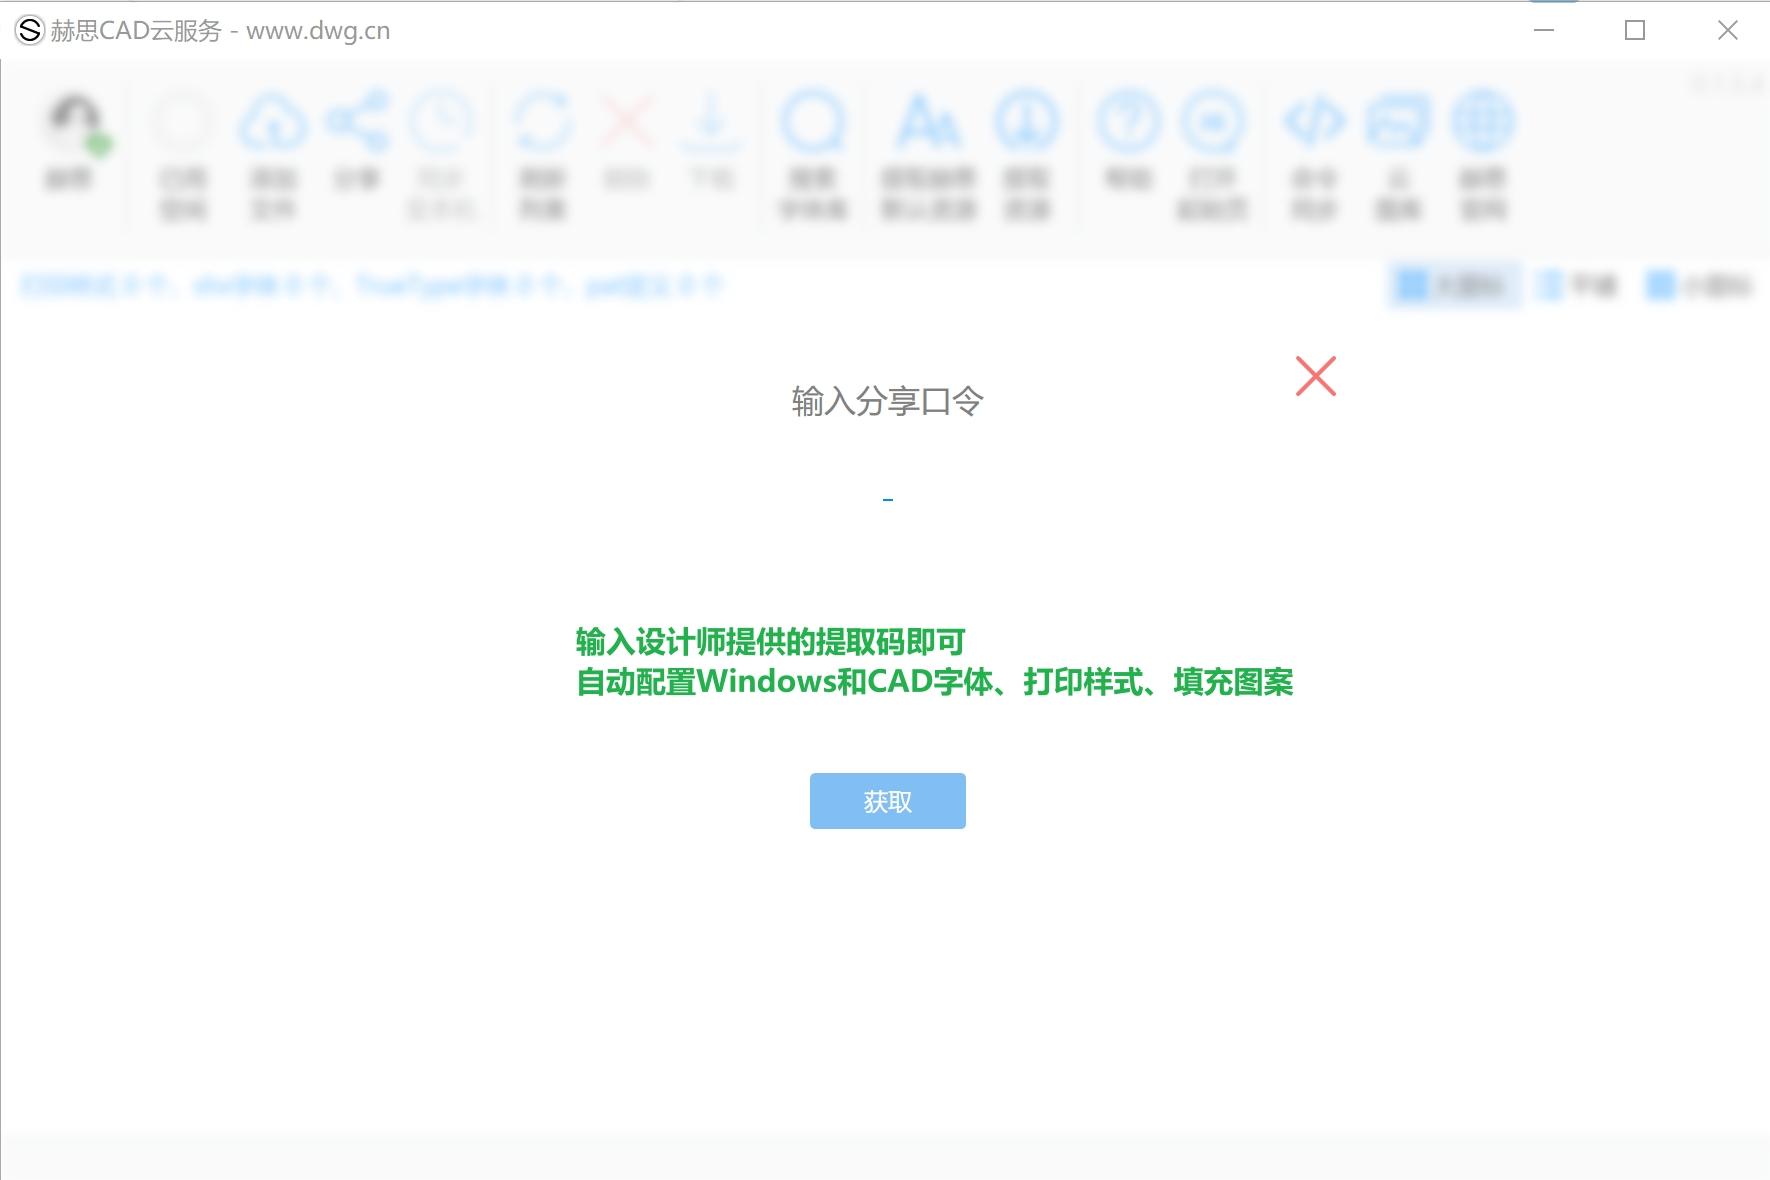 赫思CAD字体打印样式填充图案云服务截图